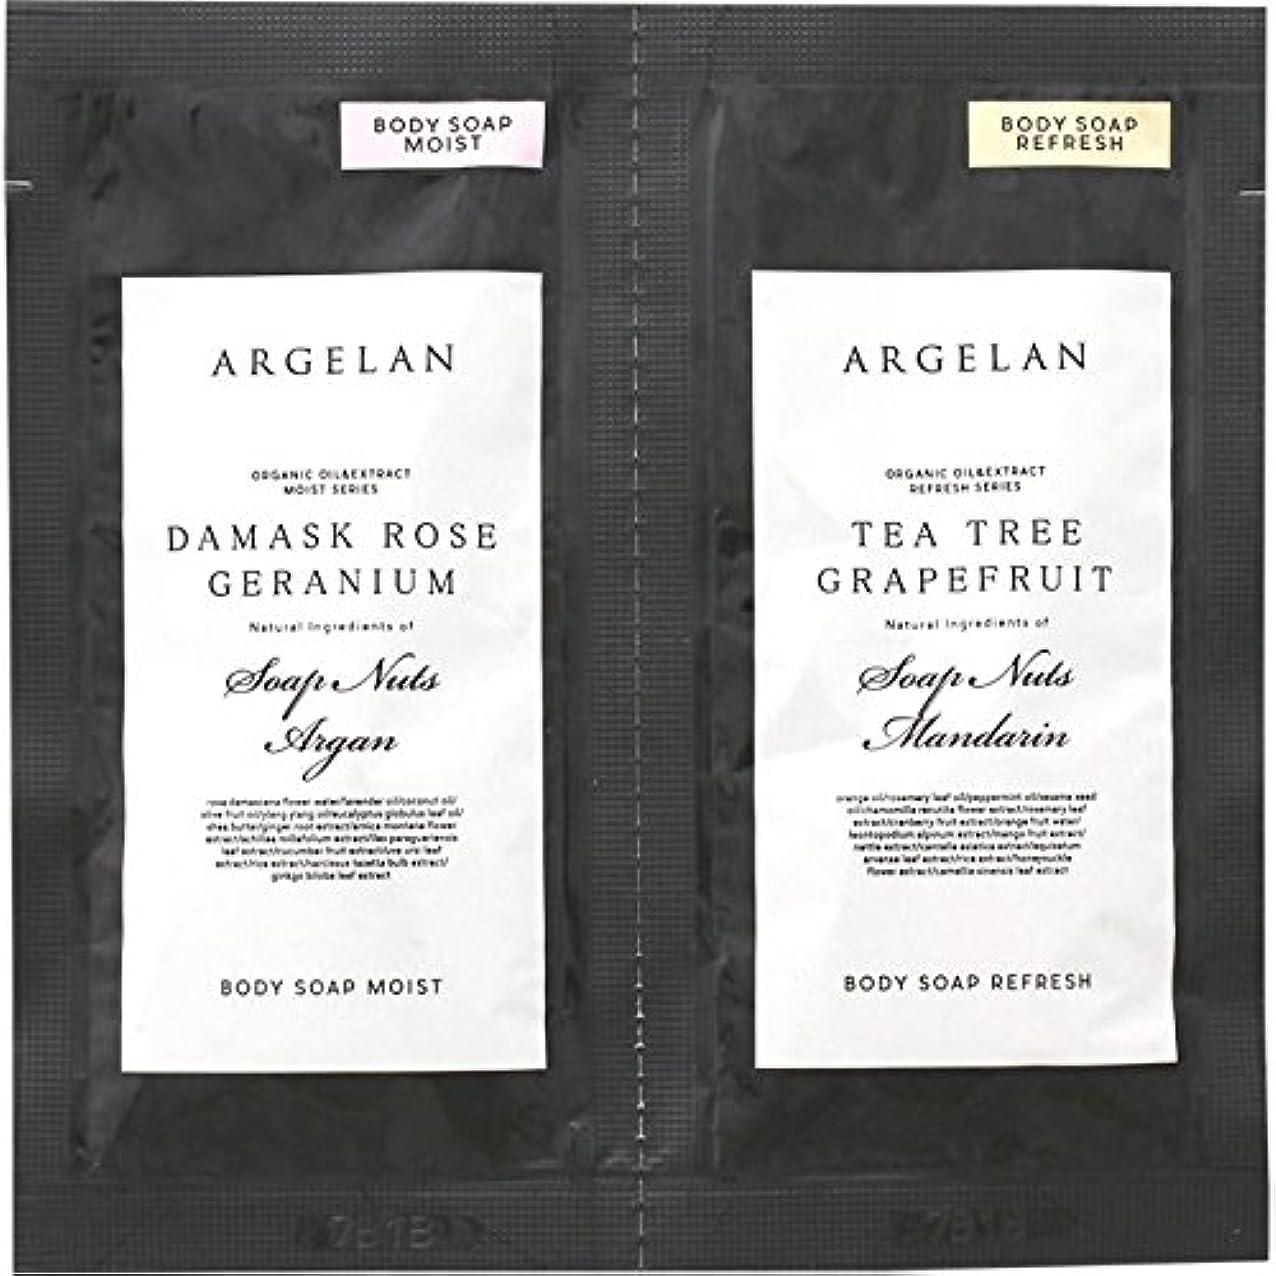 クルー識別農業アルジェラン ボディソープ2種 1dayトライアル 10ml+10ml